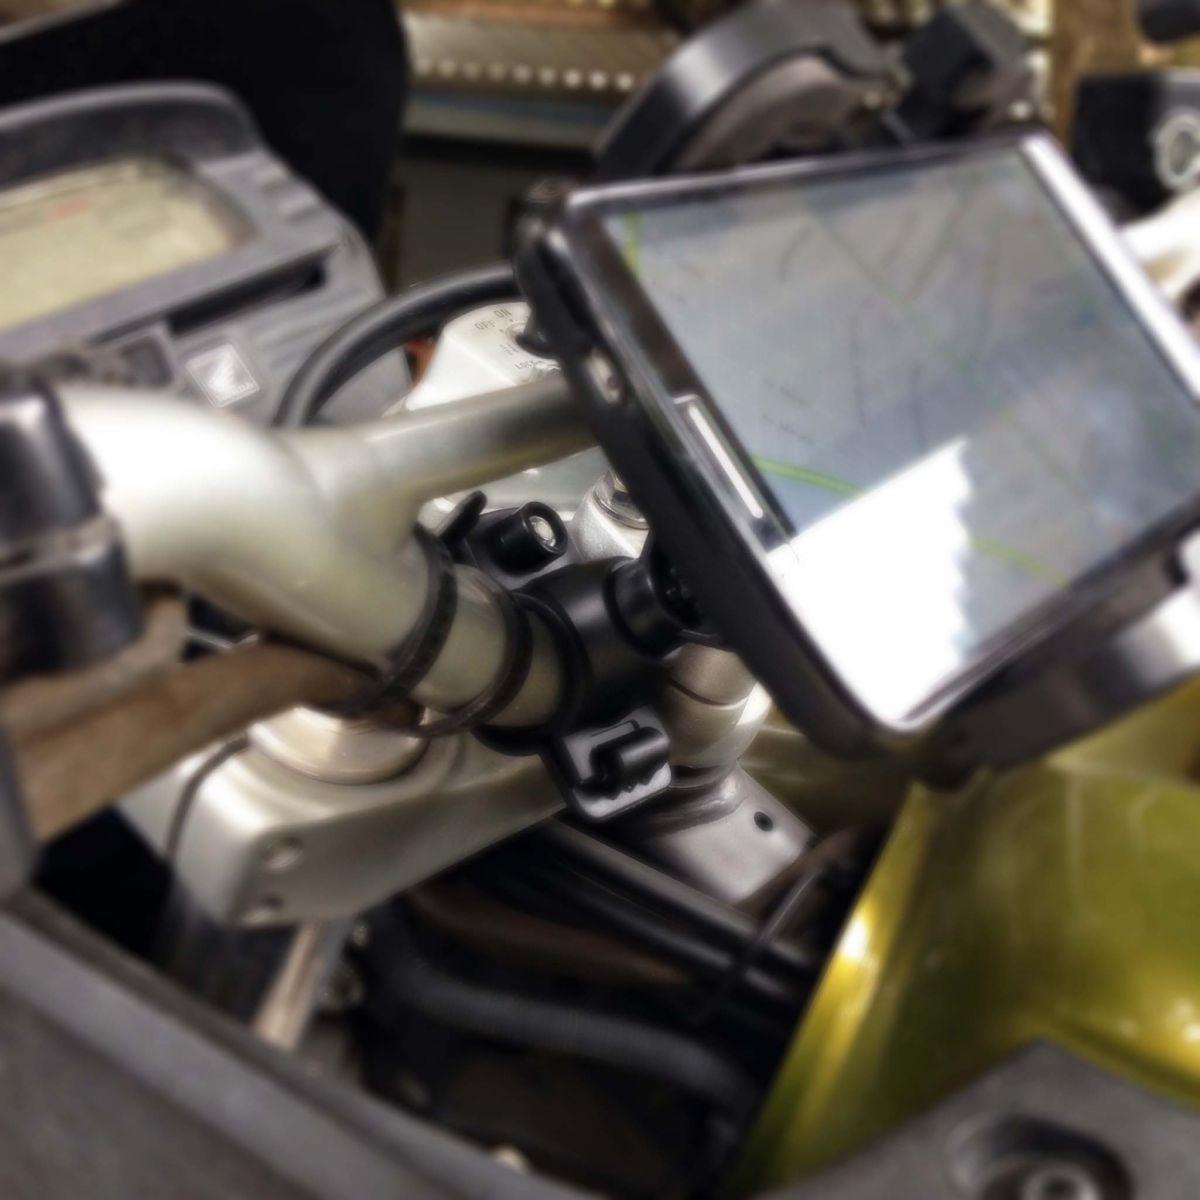 Suporte Gps Celular P/ Motos E Bicicletas